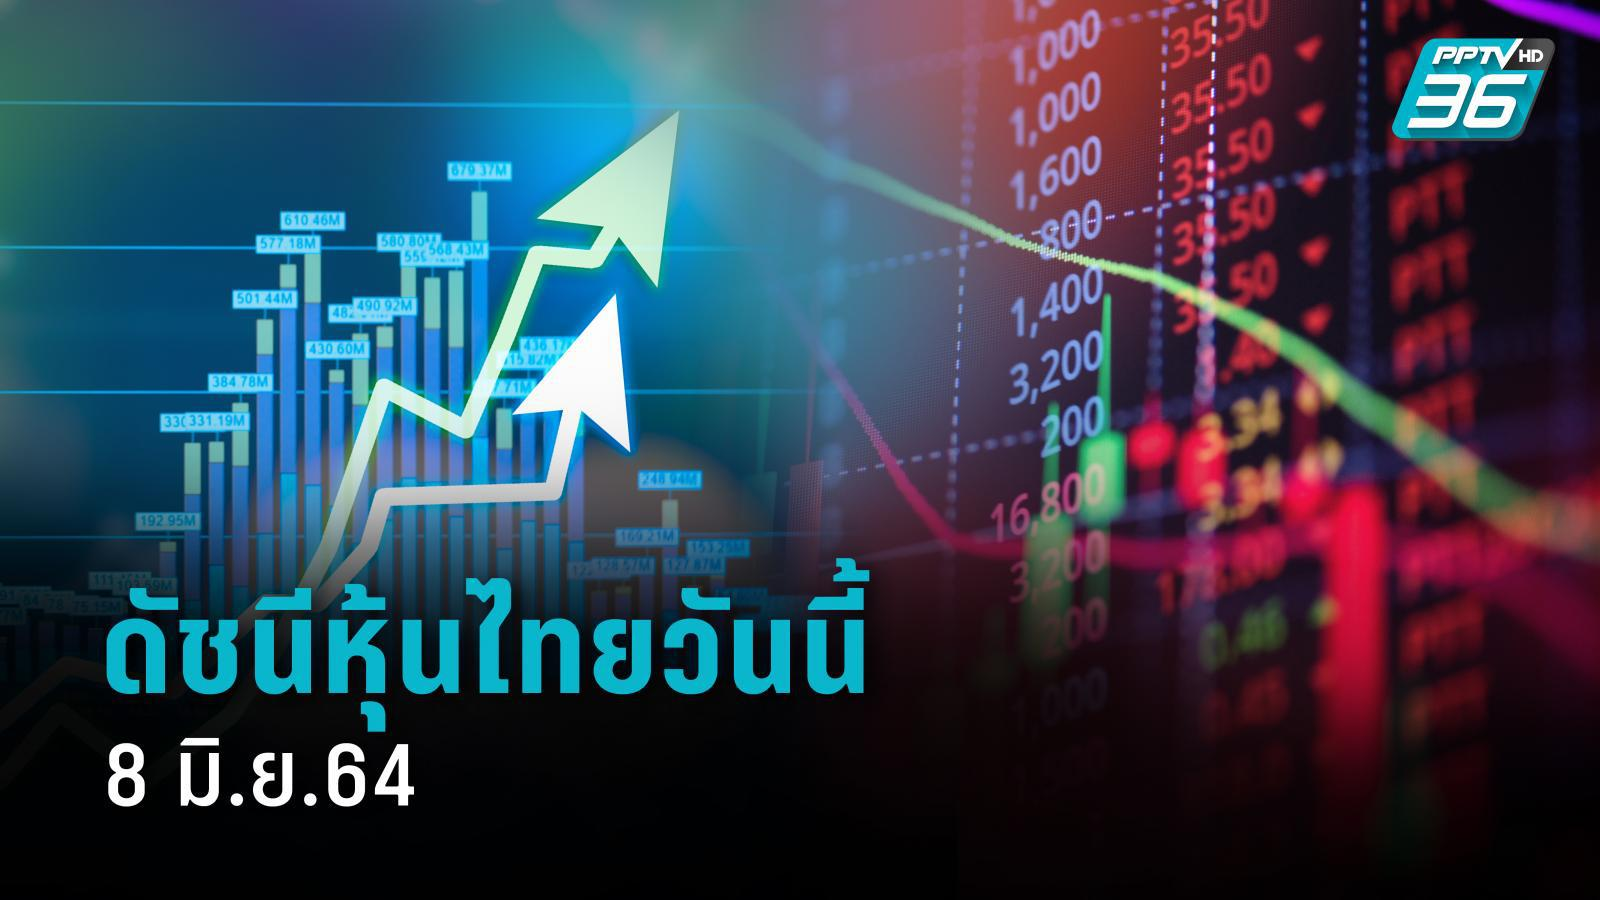 หุ้นไทย (8 มิ.ย.64) ปิดการซื้อขายที่ระดับ 1,612.88 จุด เพิ่มขึ้น +0.29 จุด